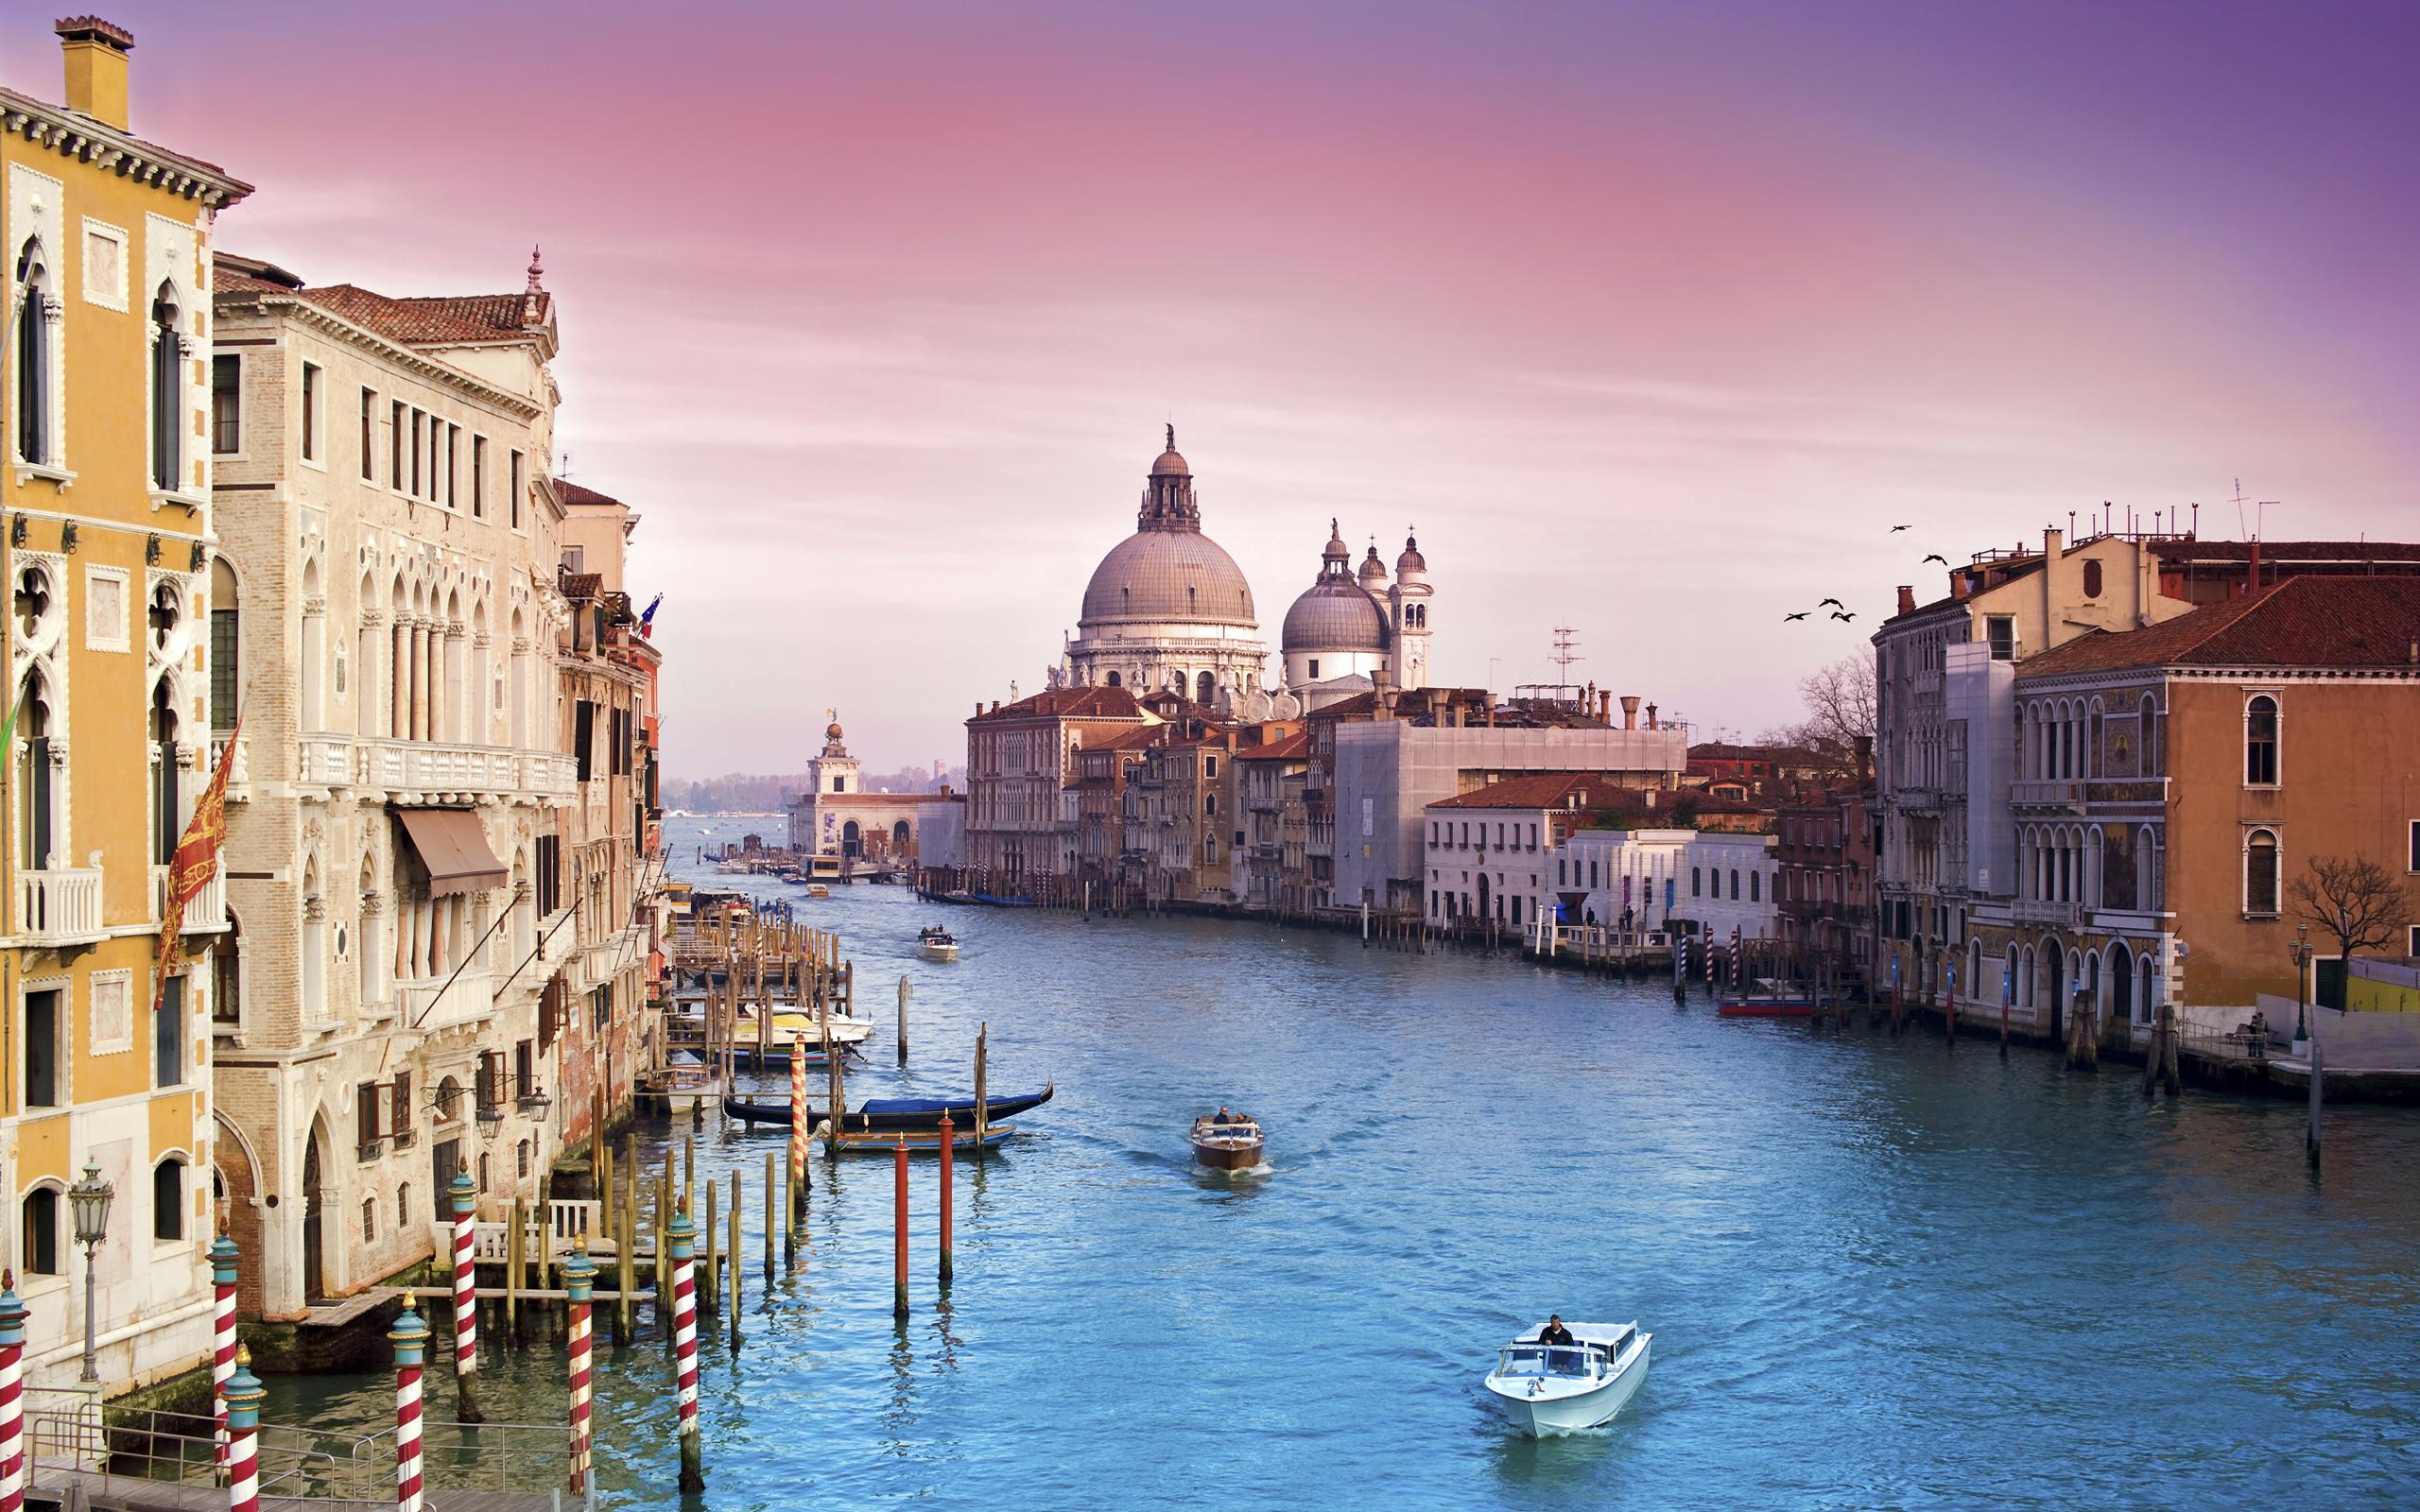 Fotos de Venecia - 2560x1600